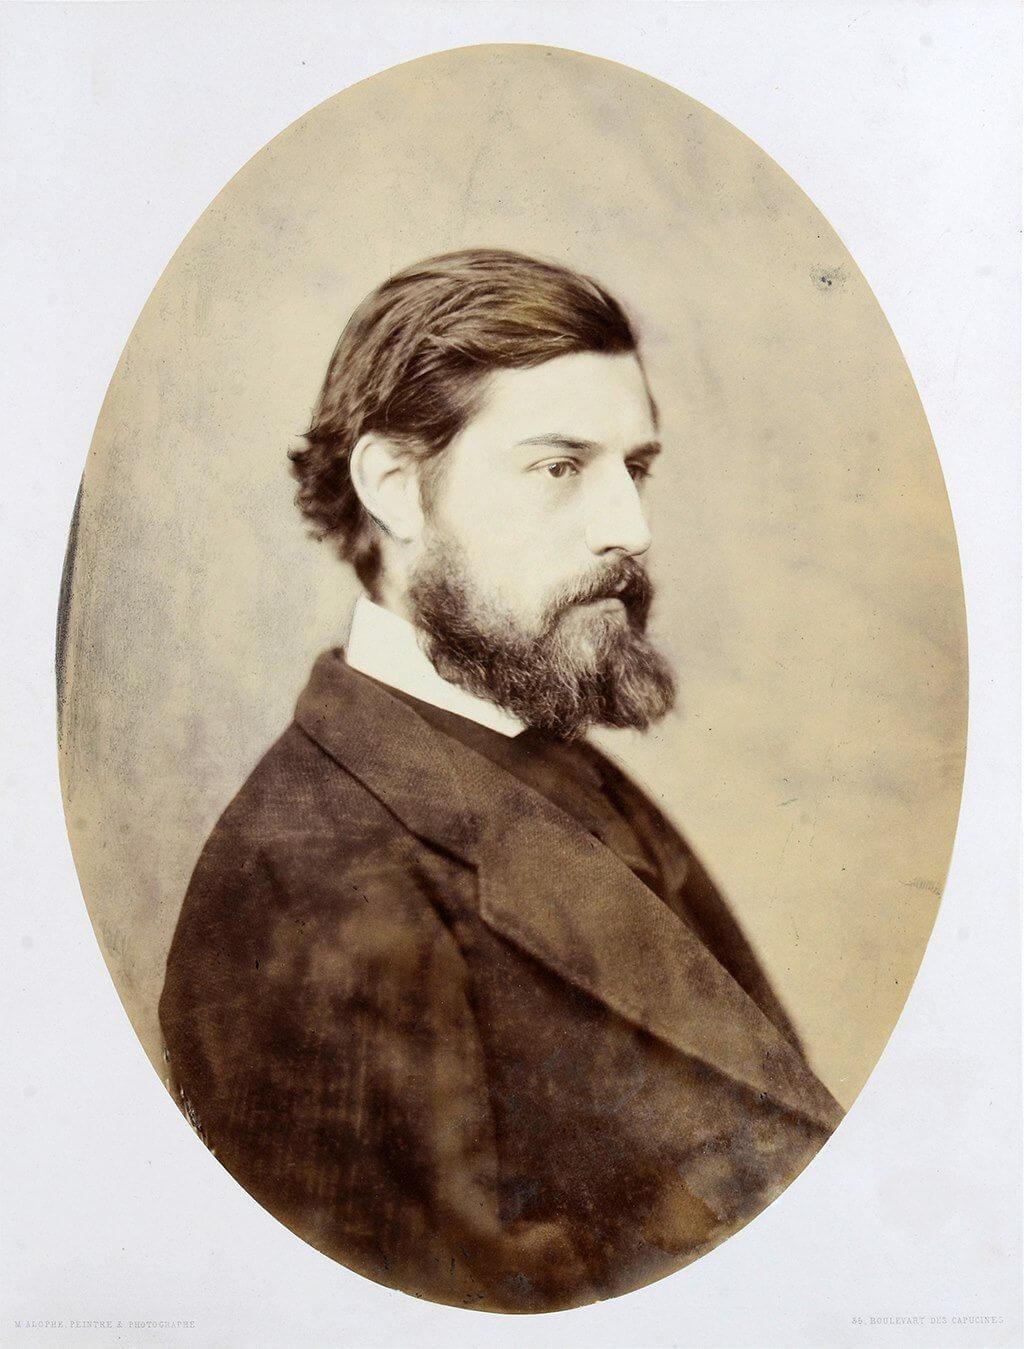 Эме Герлен, пионер синтетических ароматов, выпустивший в 1889 году аромат Jicky.